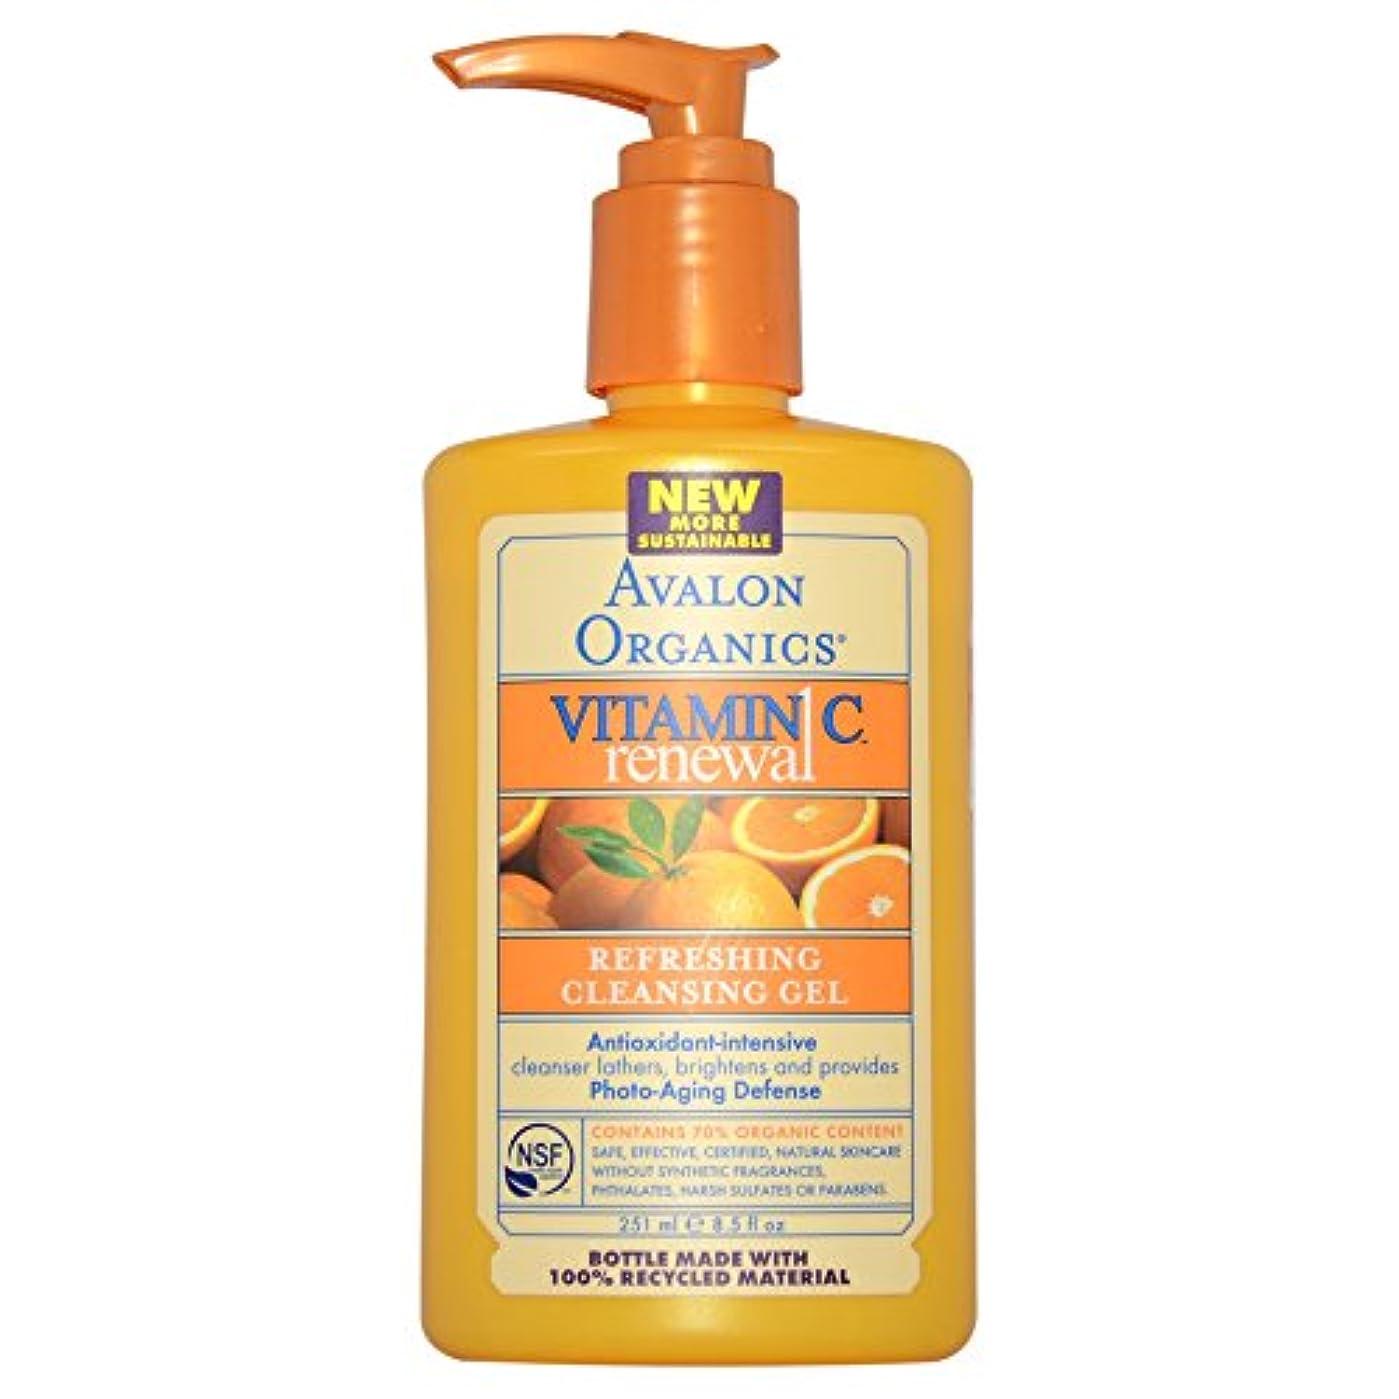 オリエンタル狂った一目Avalon Organics ビタミンC リニューアル リフレッシング クレンジングジェル 8.5 fl oz (251 ml) [並行輸入品]